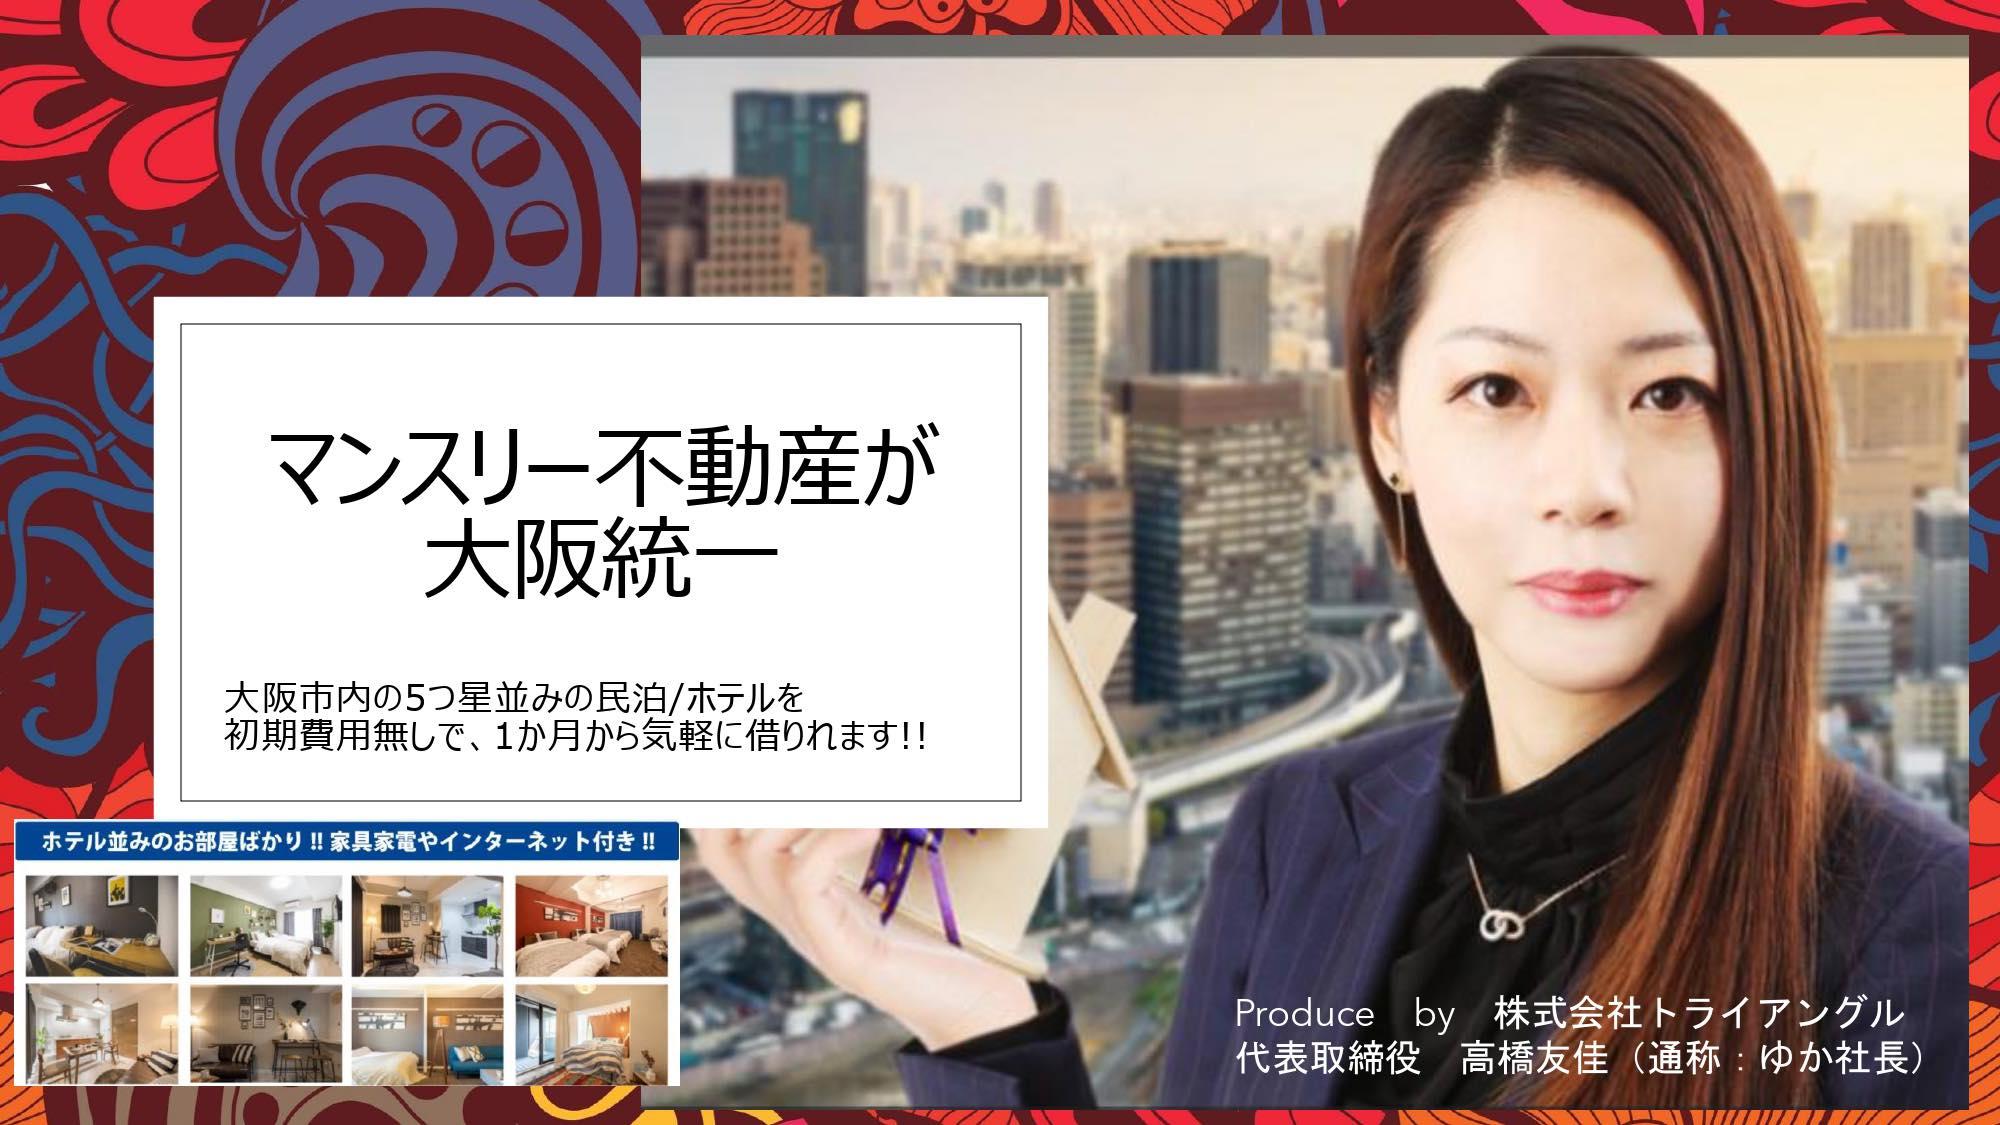 【コロナ自主隔離】大阪マンスリー不動産がコロナウイルス感染症拡大に対して自主隔離用のお部屋のご提供を支援